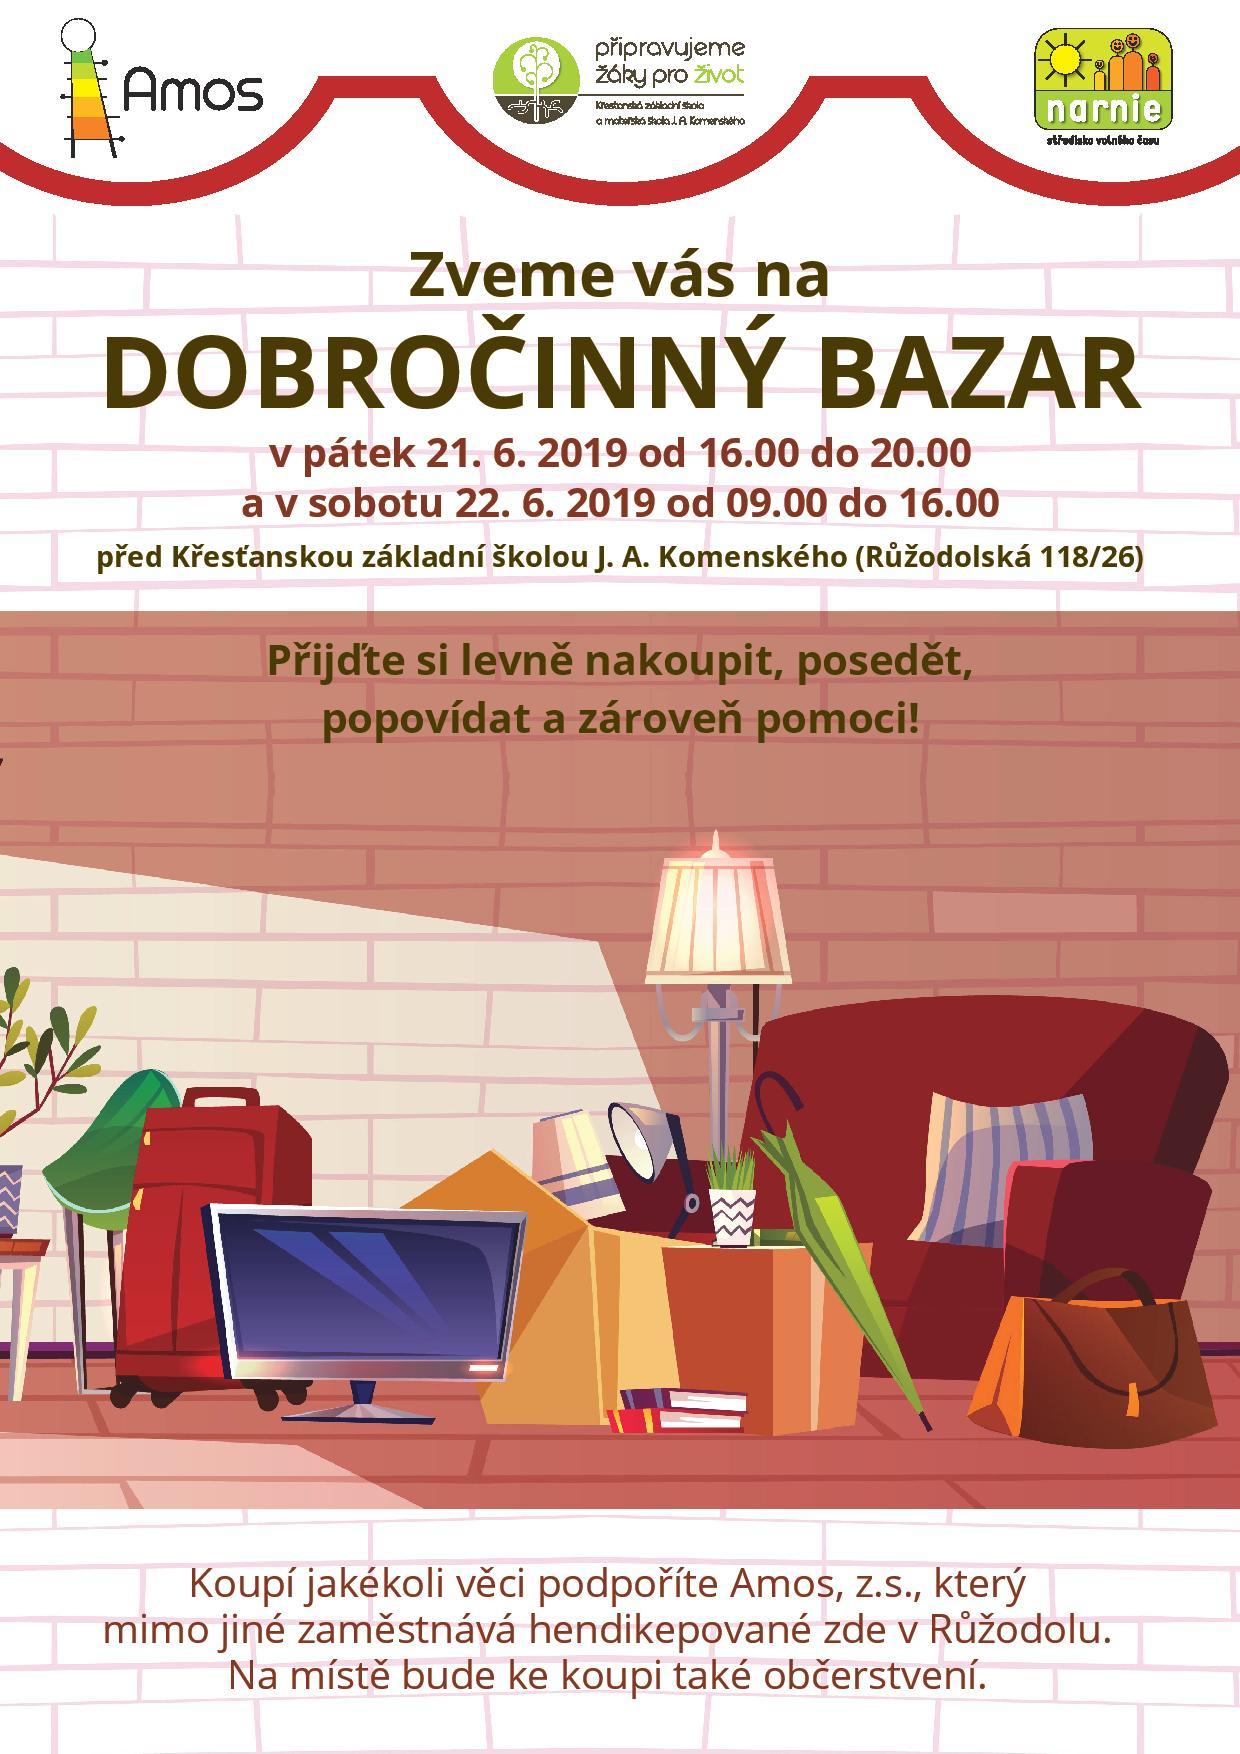 Pozvánka na dobročinný bazar